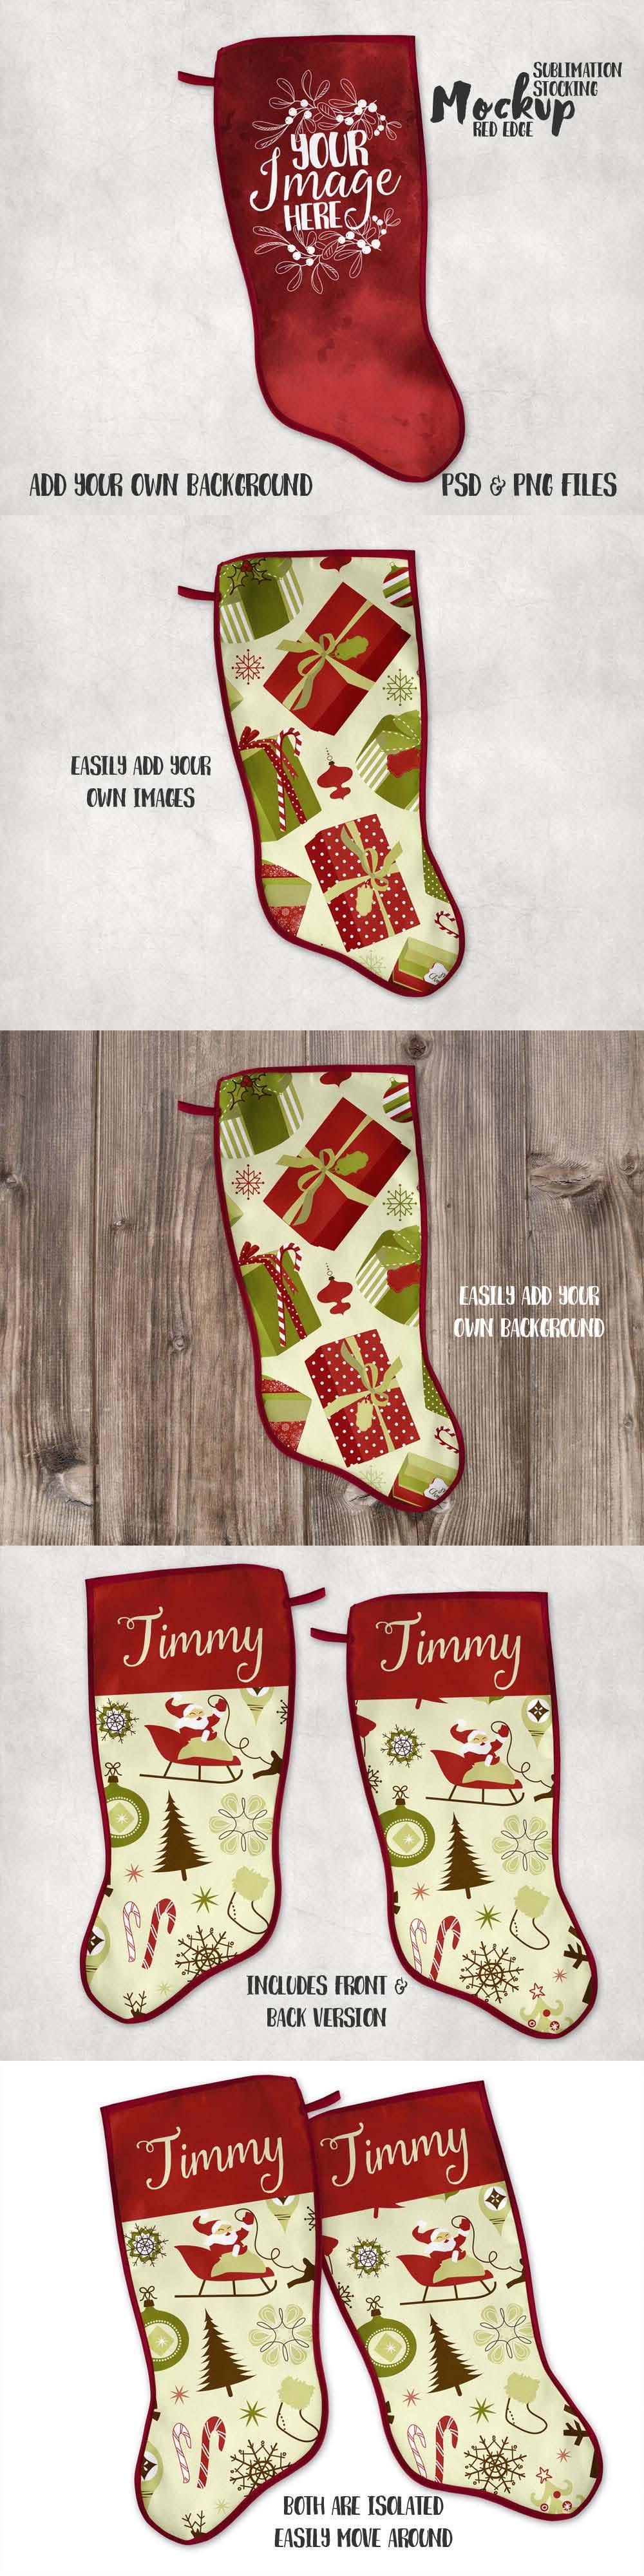 Red Trim Christmas Stocking Mockup Print mockup